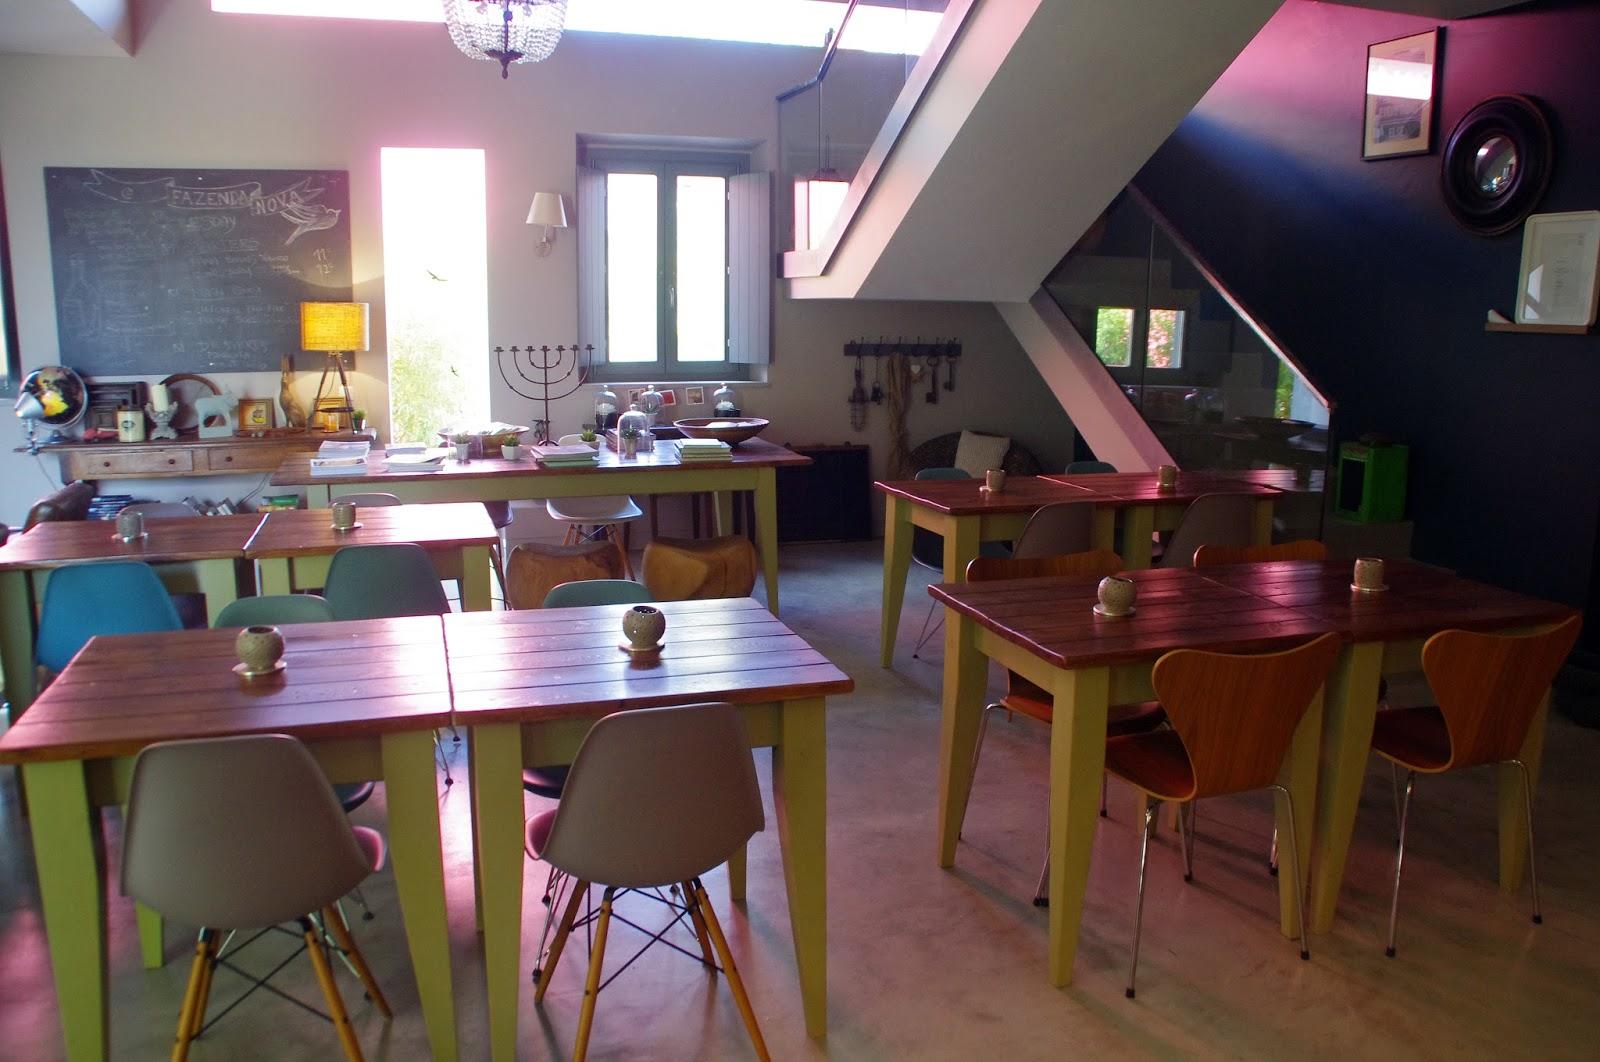 Breakfast room at Fazenda Nova Country House